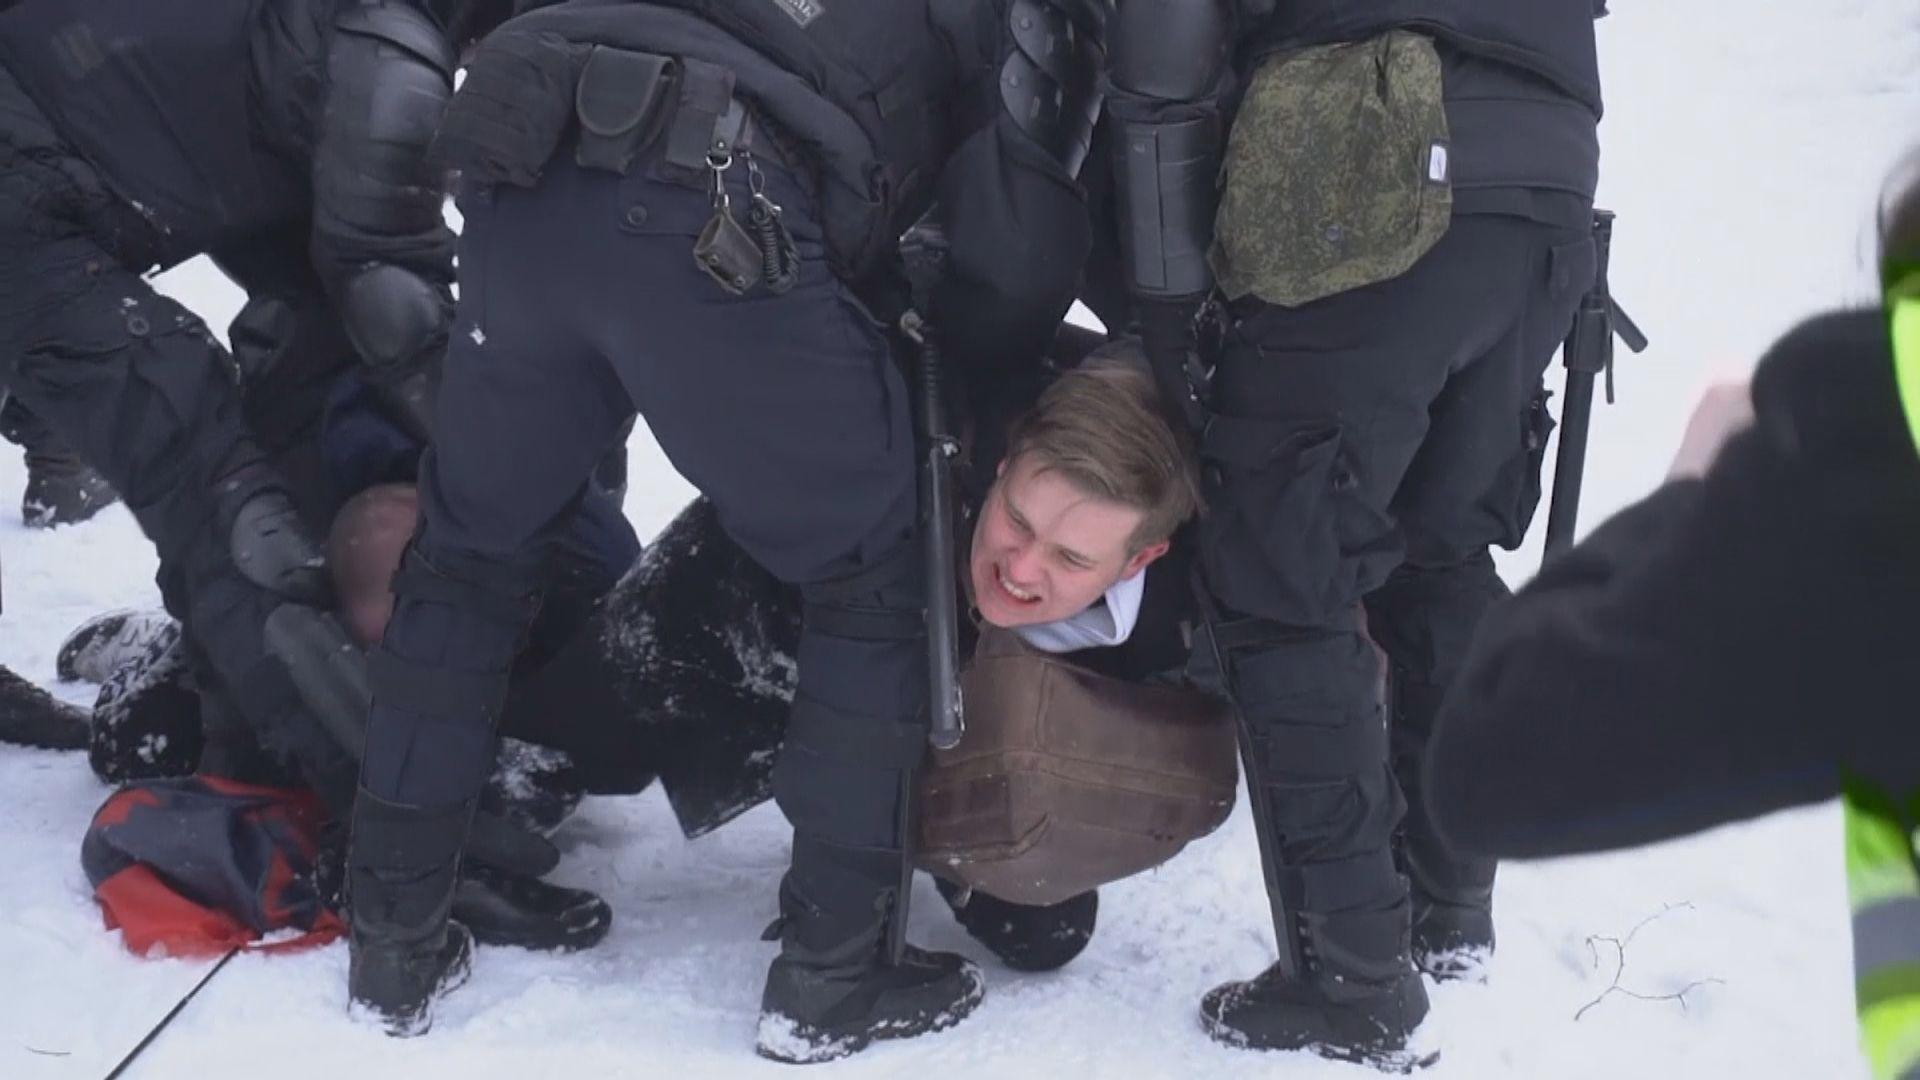 俄羅斯各地有民眾示威要求釋放納瓦爾尼 逾五千人被捕